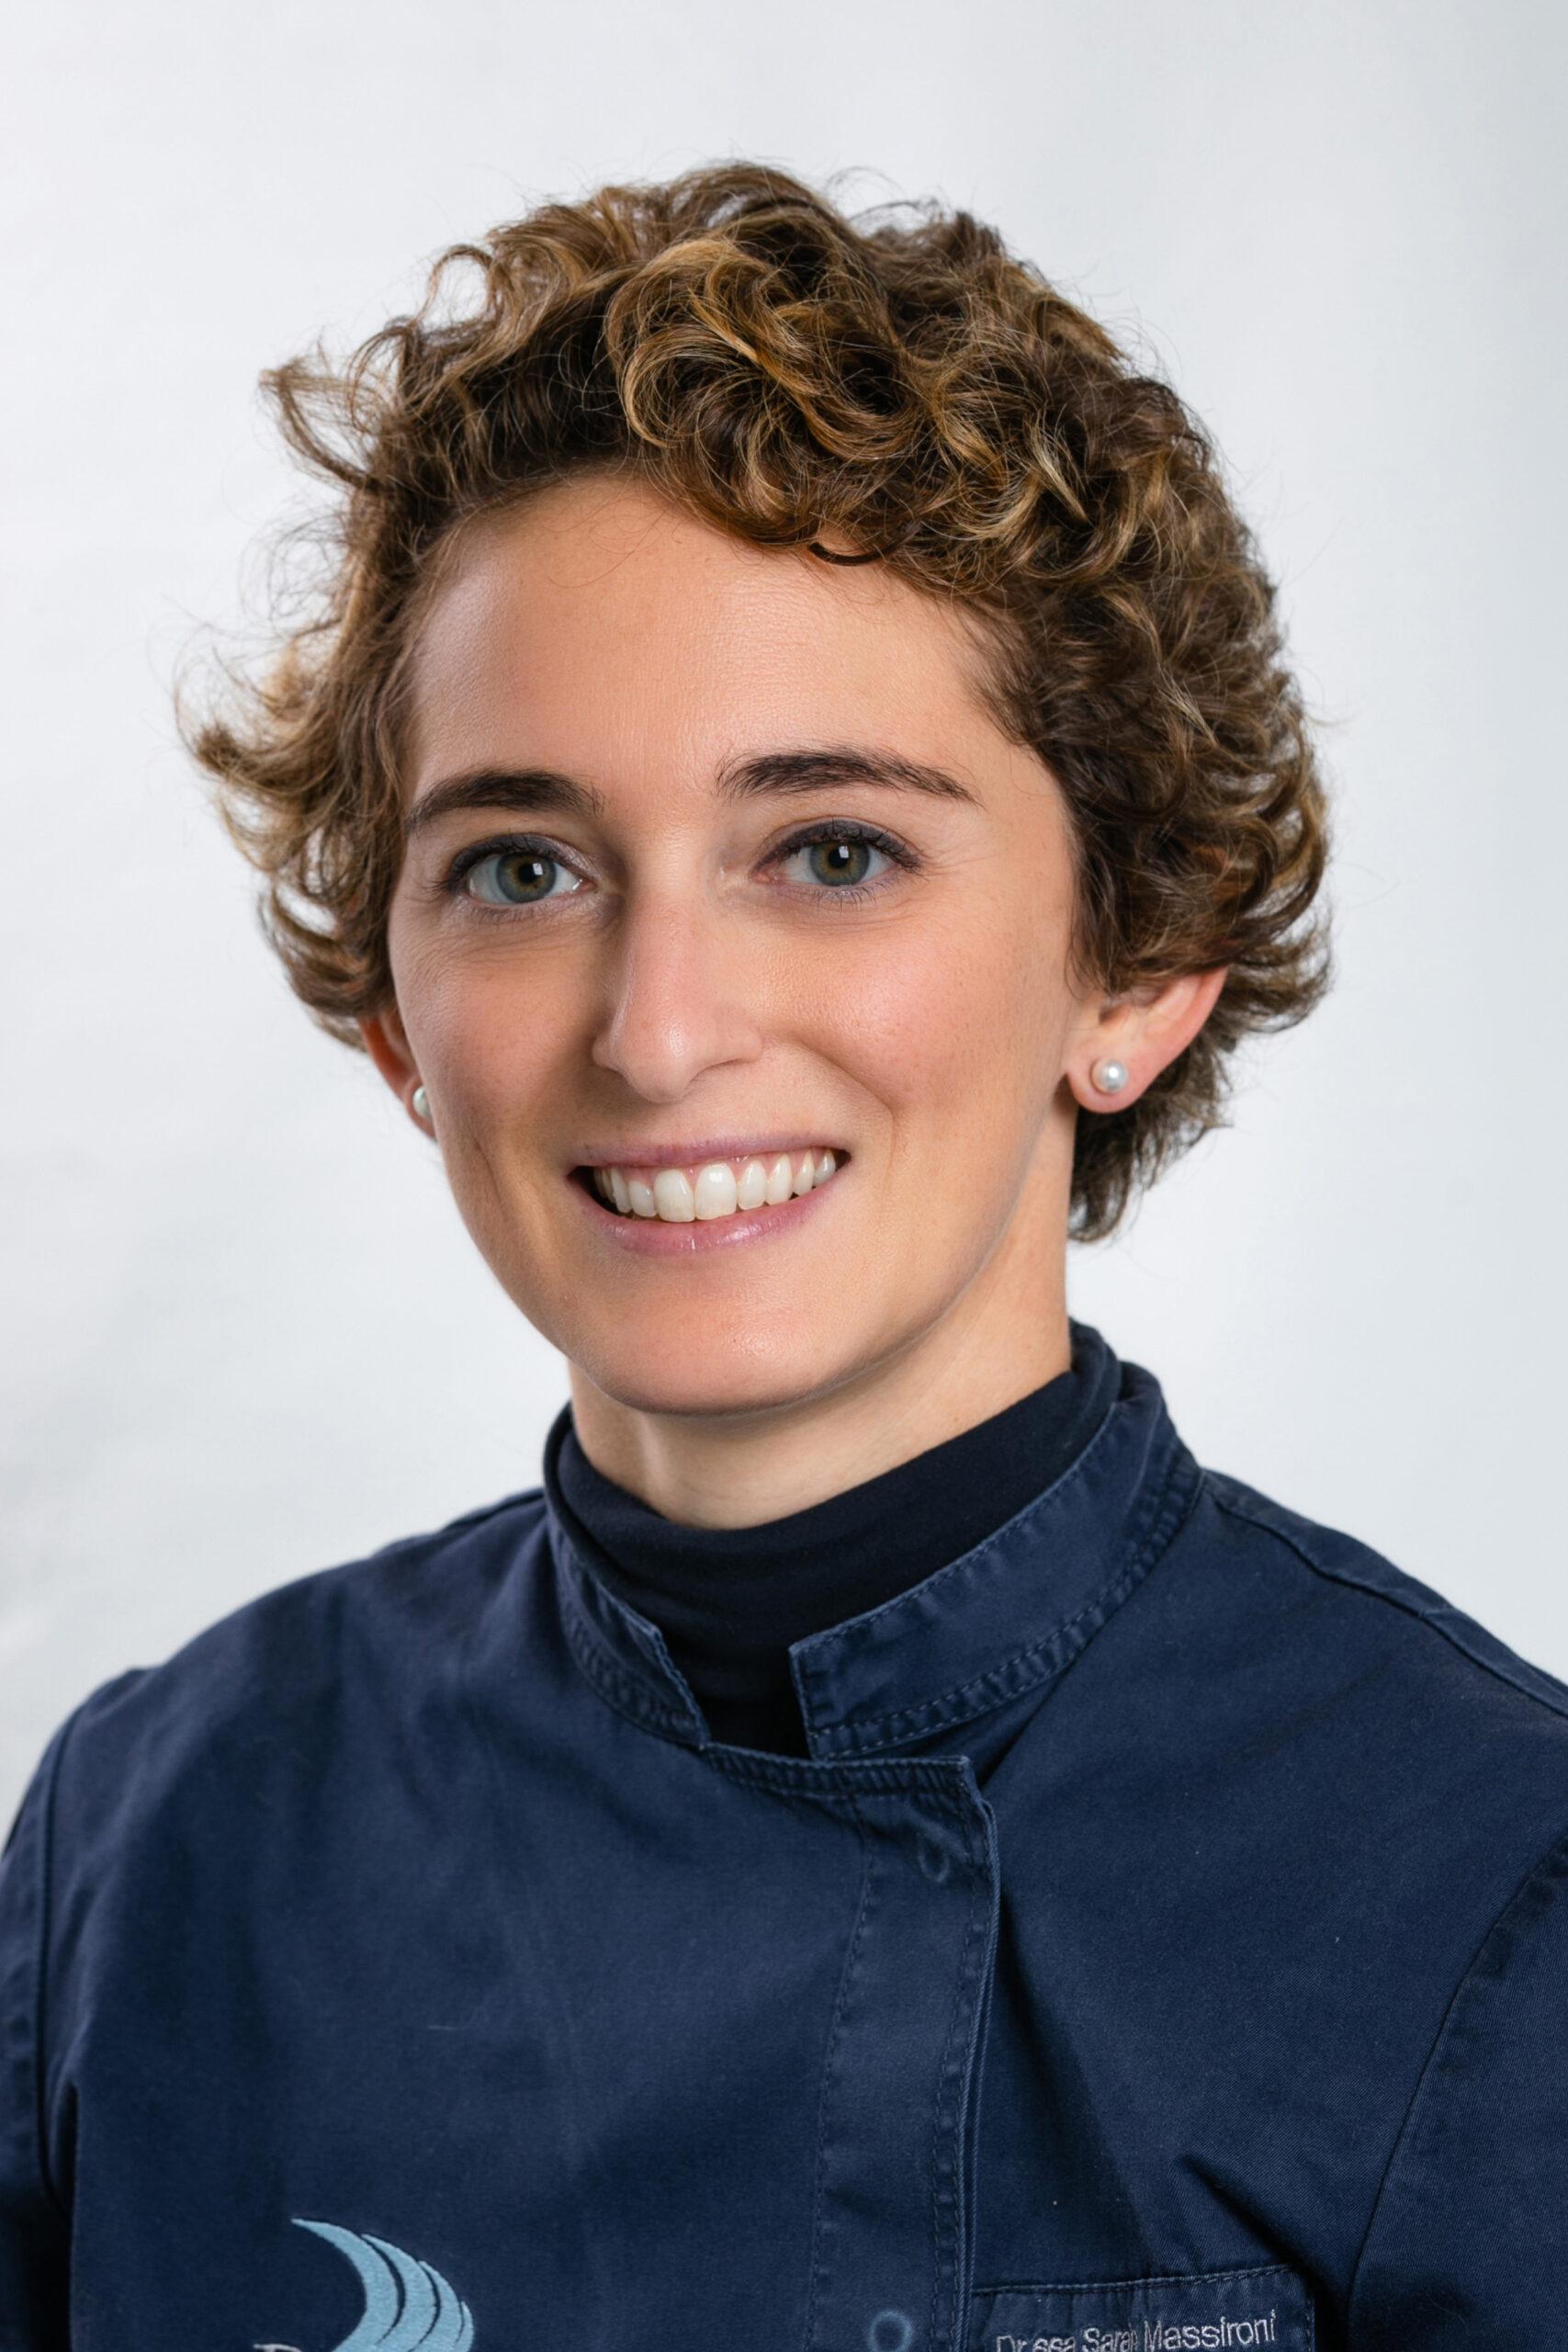 Dott.ssa Sarah Massironi